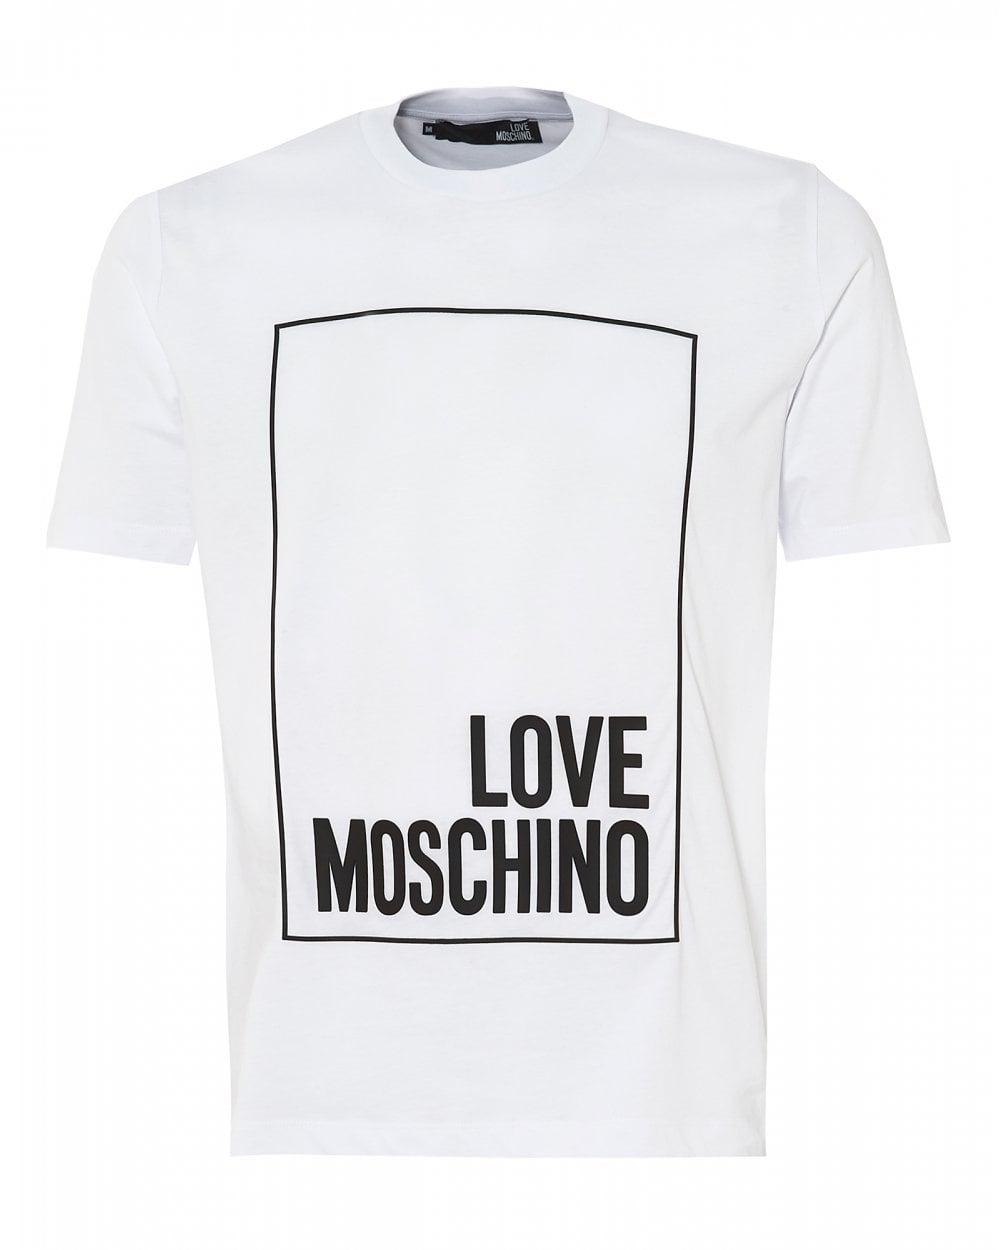 90770939f36 Love Moschino Mens Box Logo T-Shirt, Regular Fit White Tee